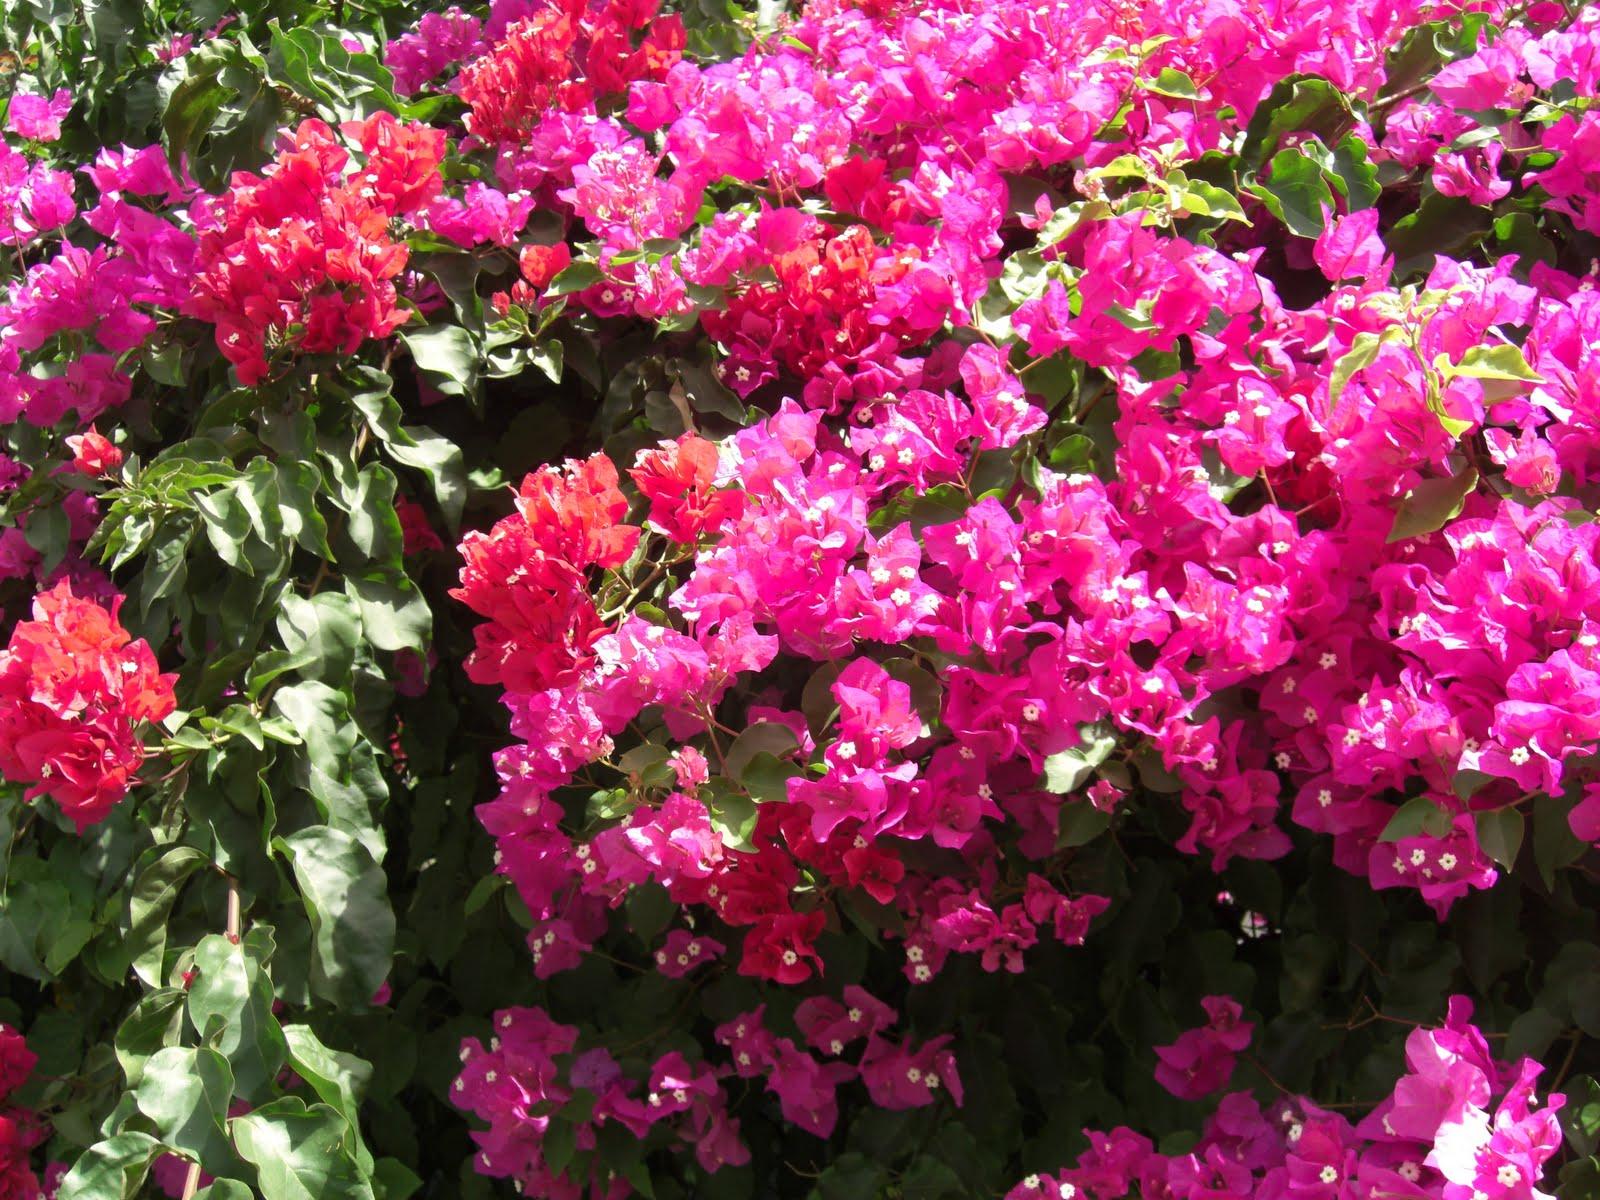 rosas colhidas no jardim do amor:artéria da freguesia lisboeta do campo grande junto ao palácio dos